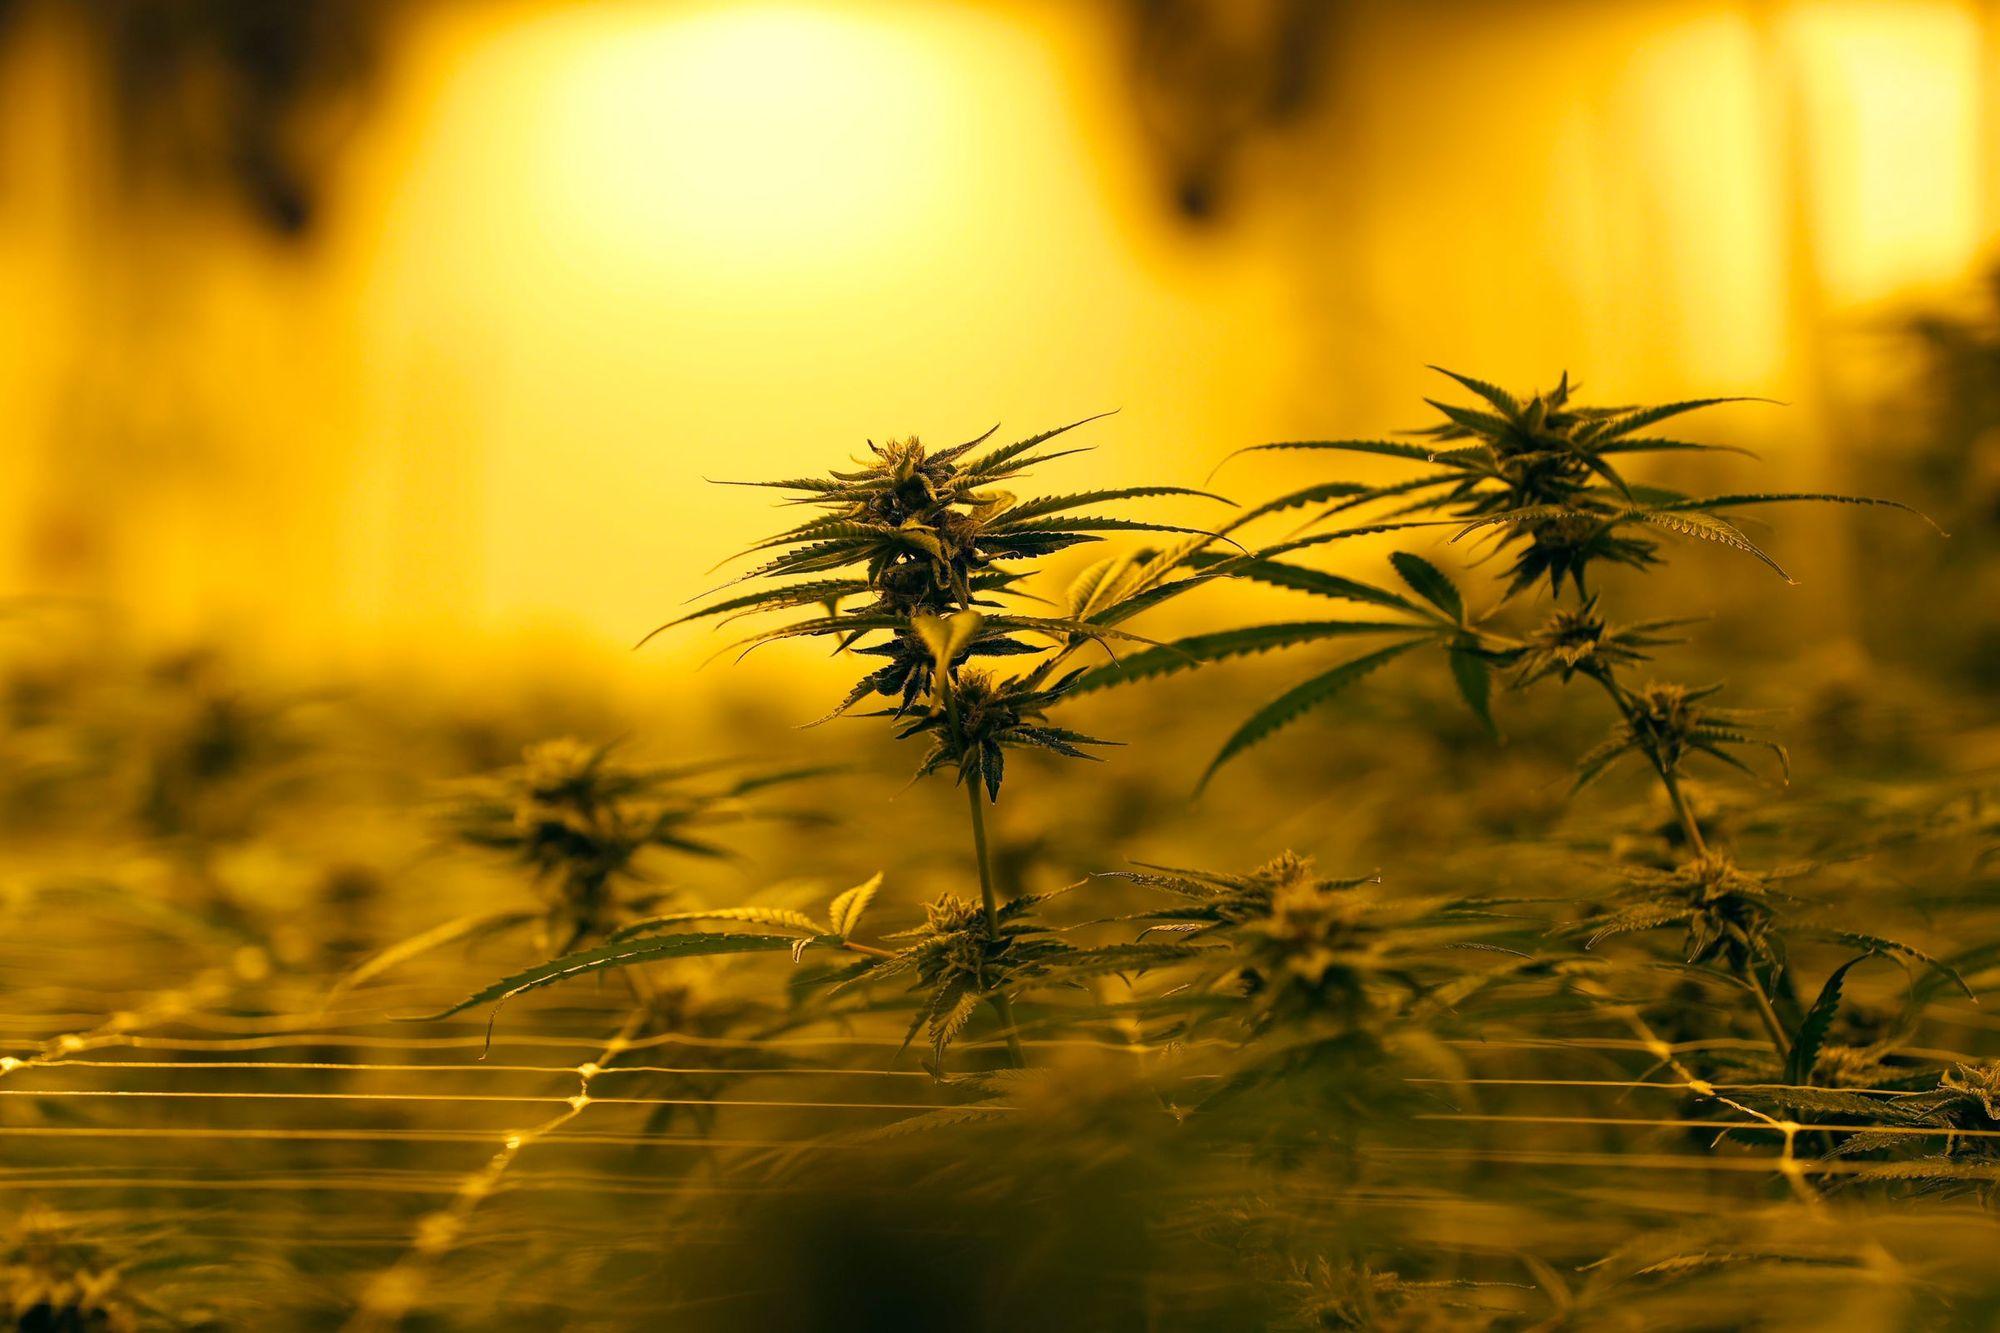 LeafLink raises $40M to cultivate its cannabis wholesale market